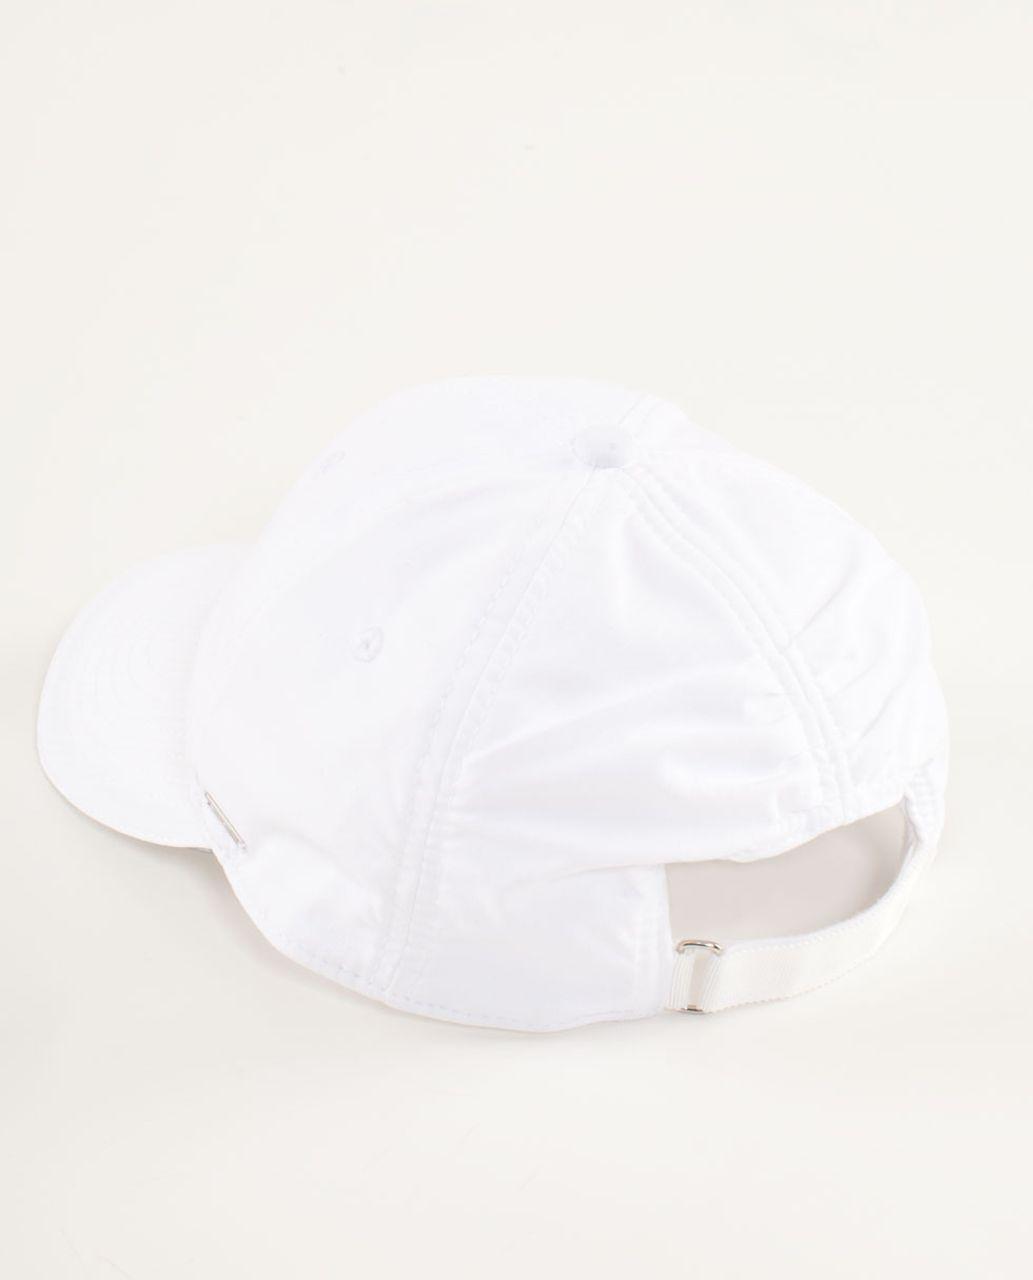 Lululemon Women's Cross Training Cap - White